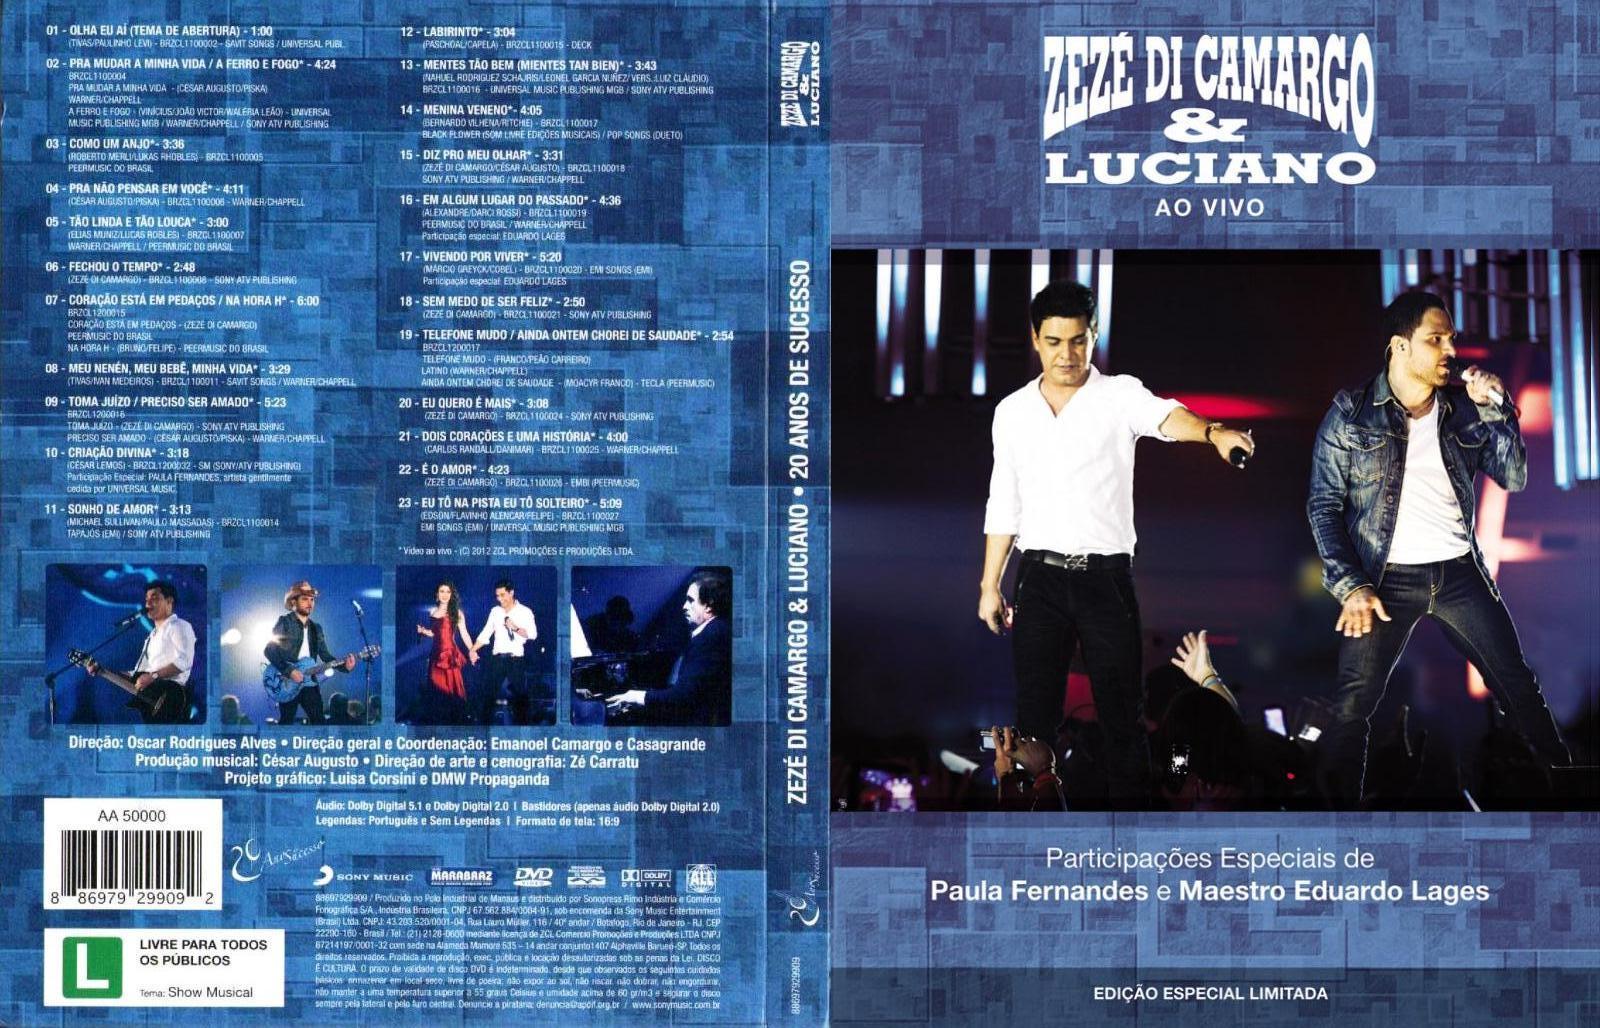 Baixar cd zezé di camargo e luciano 20 anos de sucesso | sistema.